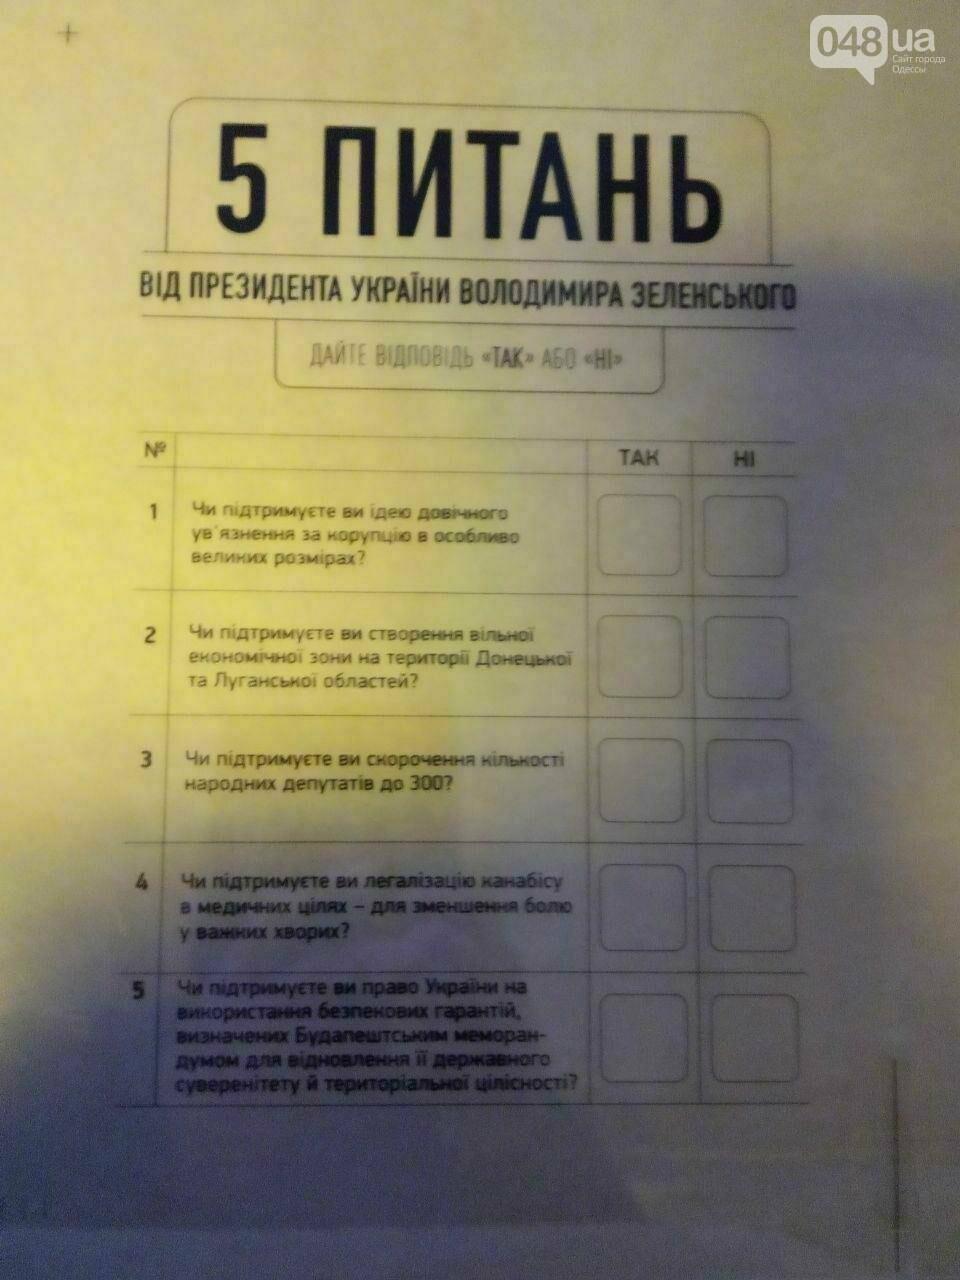 Стало известно, какие пять вопросов Зеленский вынес на общенациональный опрос 25 октября, - ФОТО, фото-1